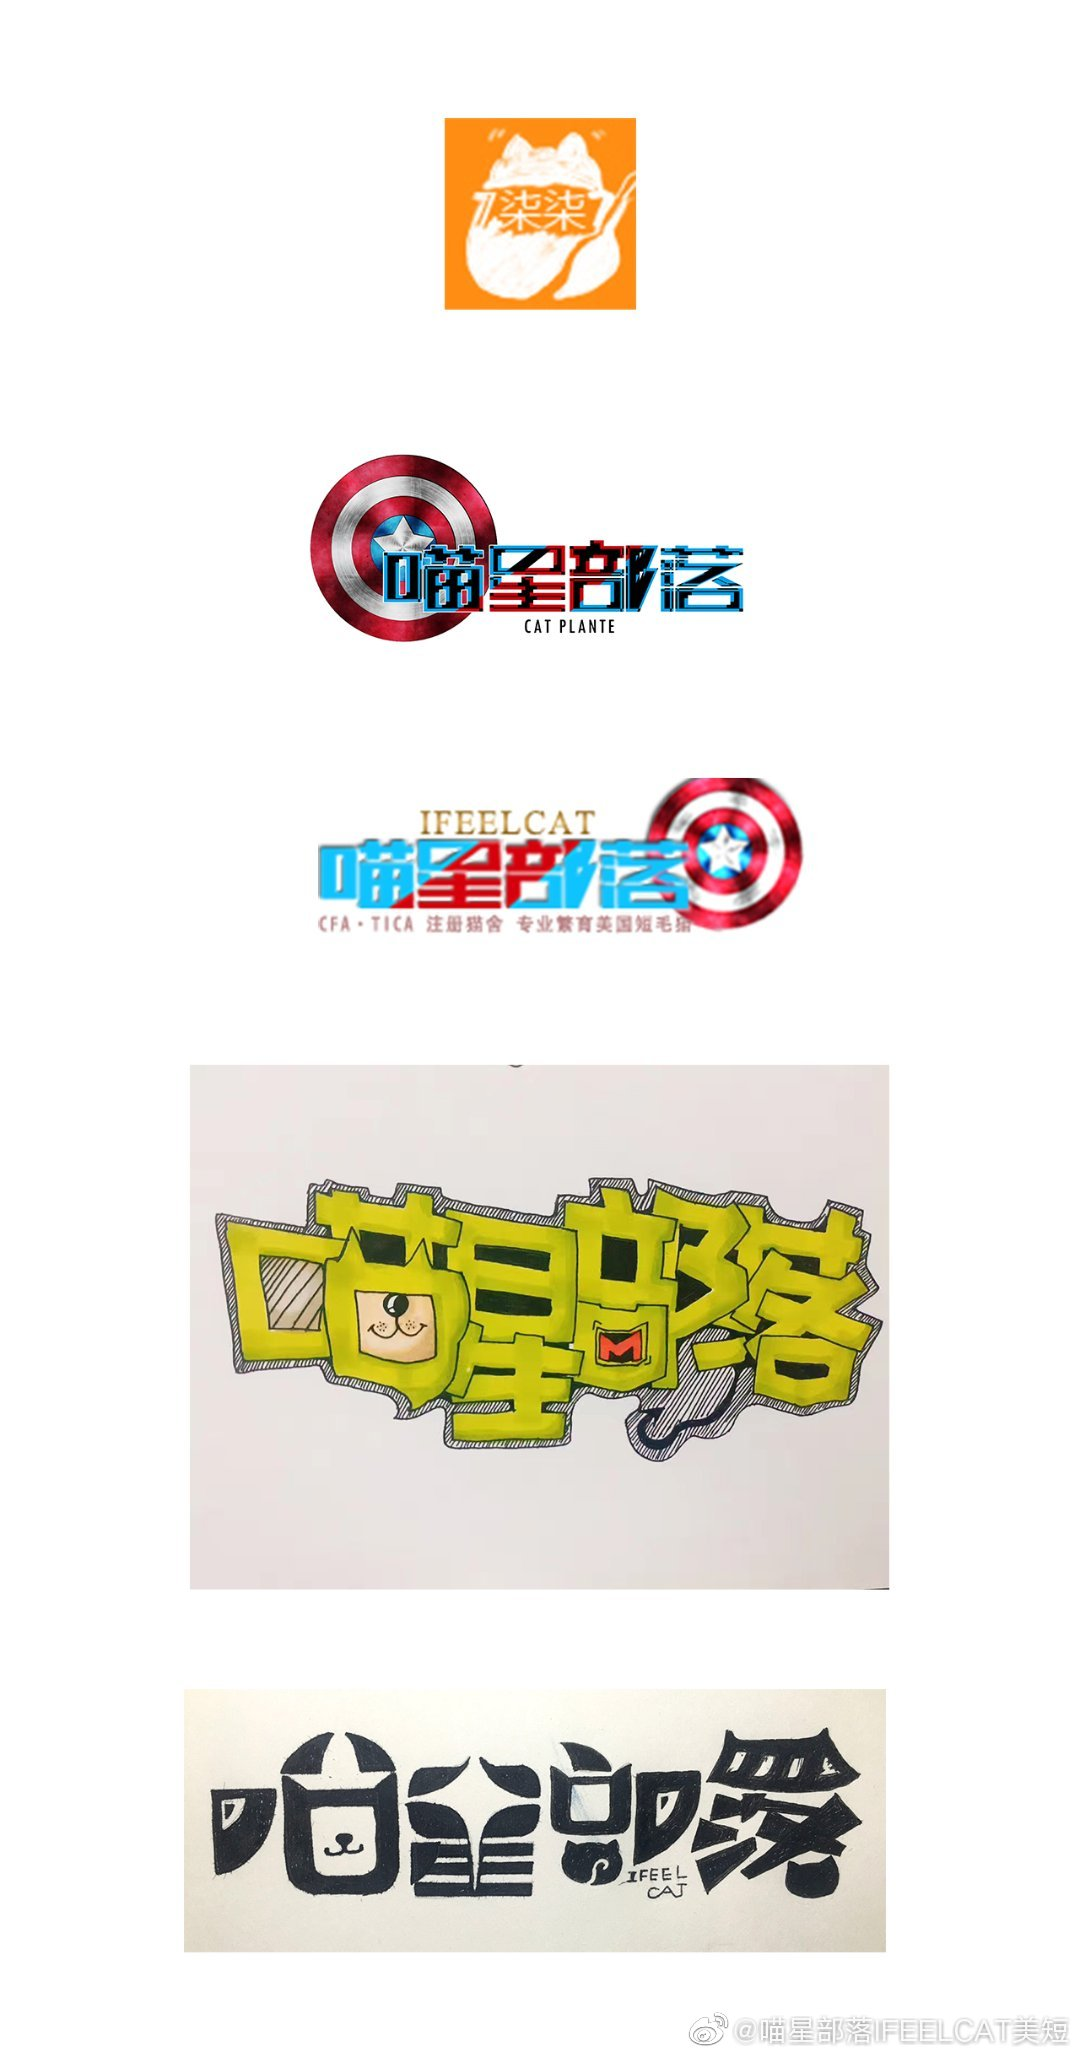 从2010年至今猫砂LOGO演变